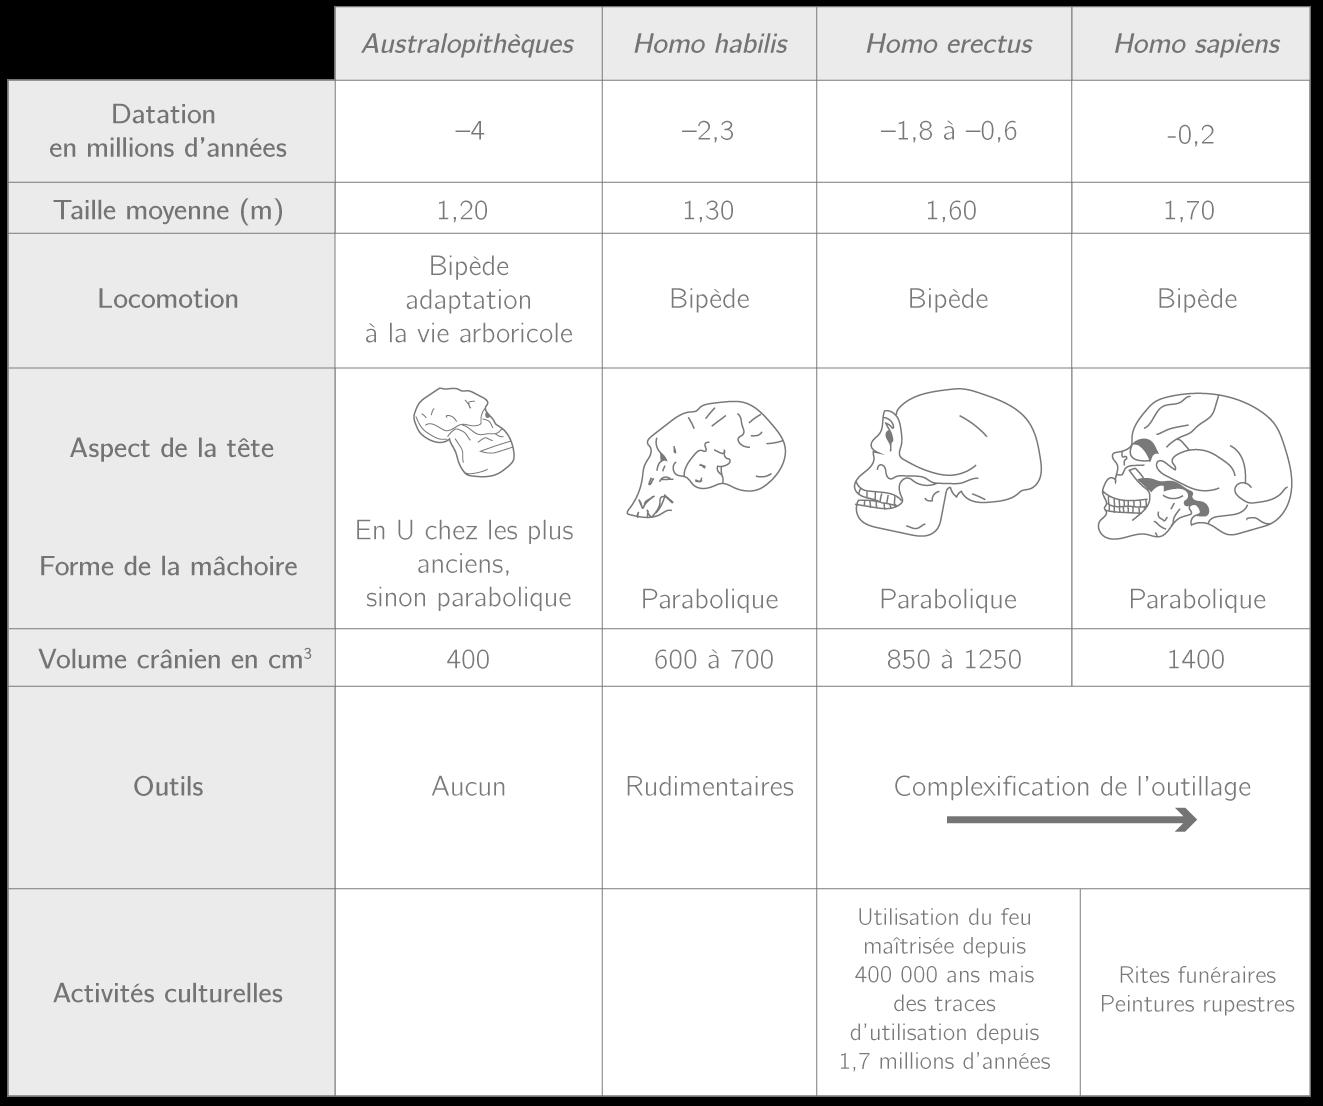 Les caractéristiques de quelques membres de la lignée humaine